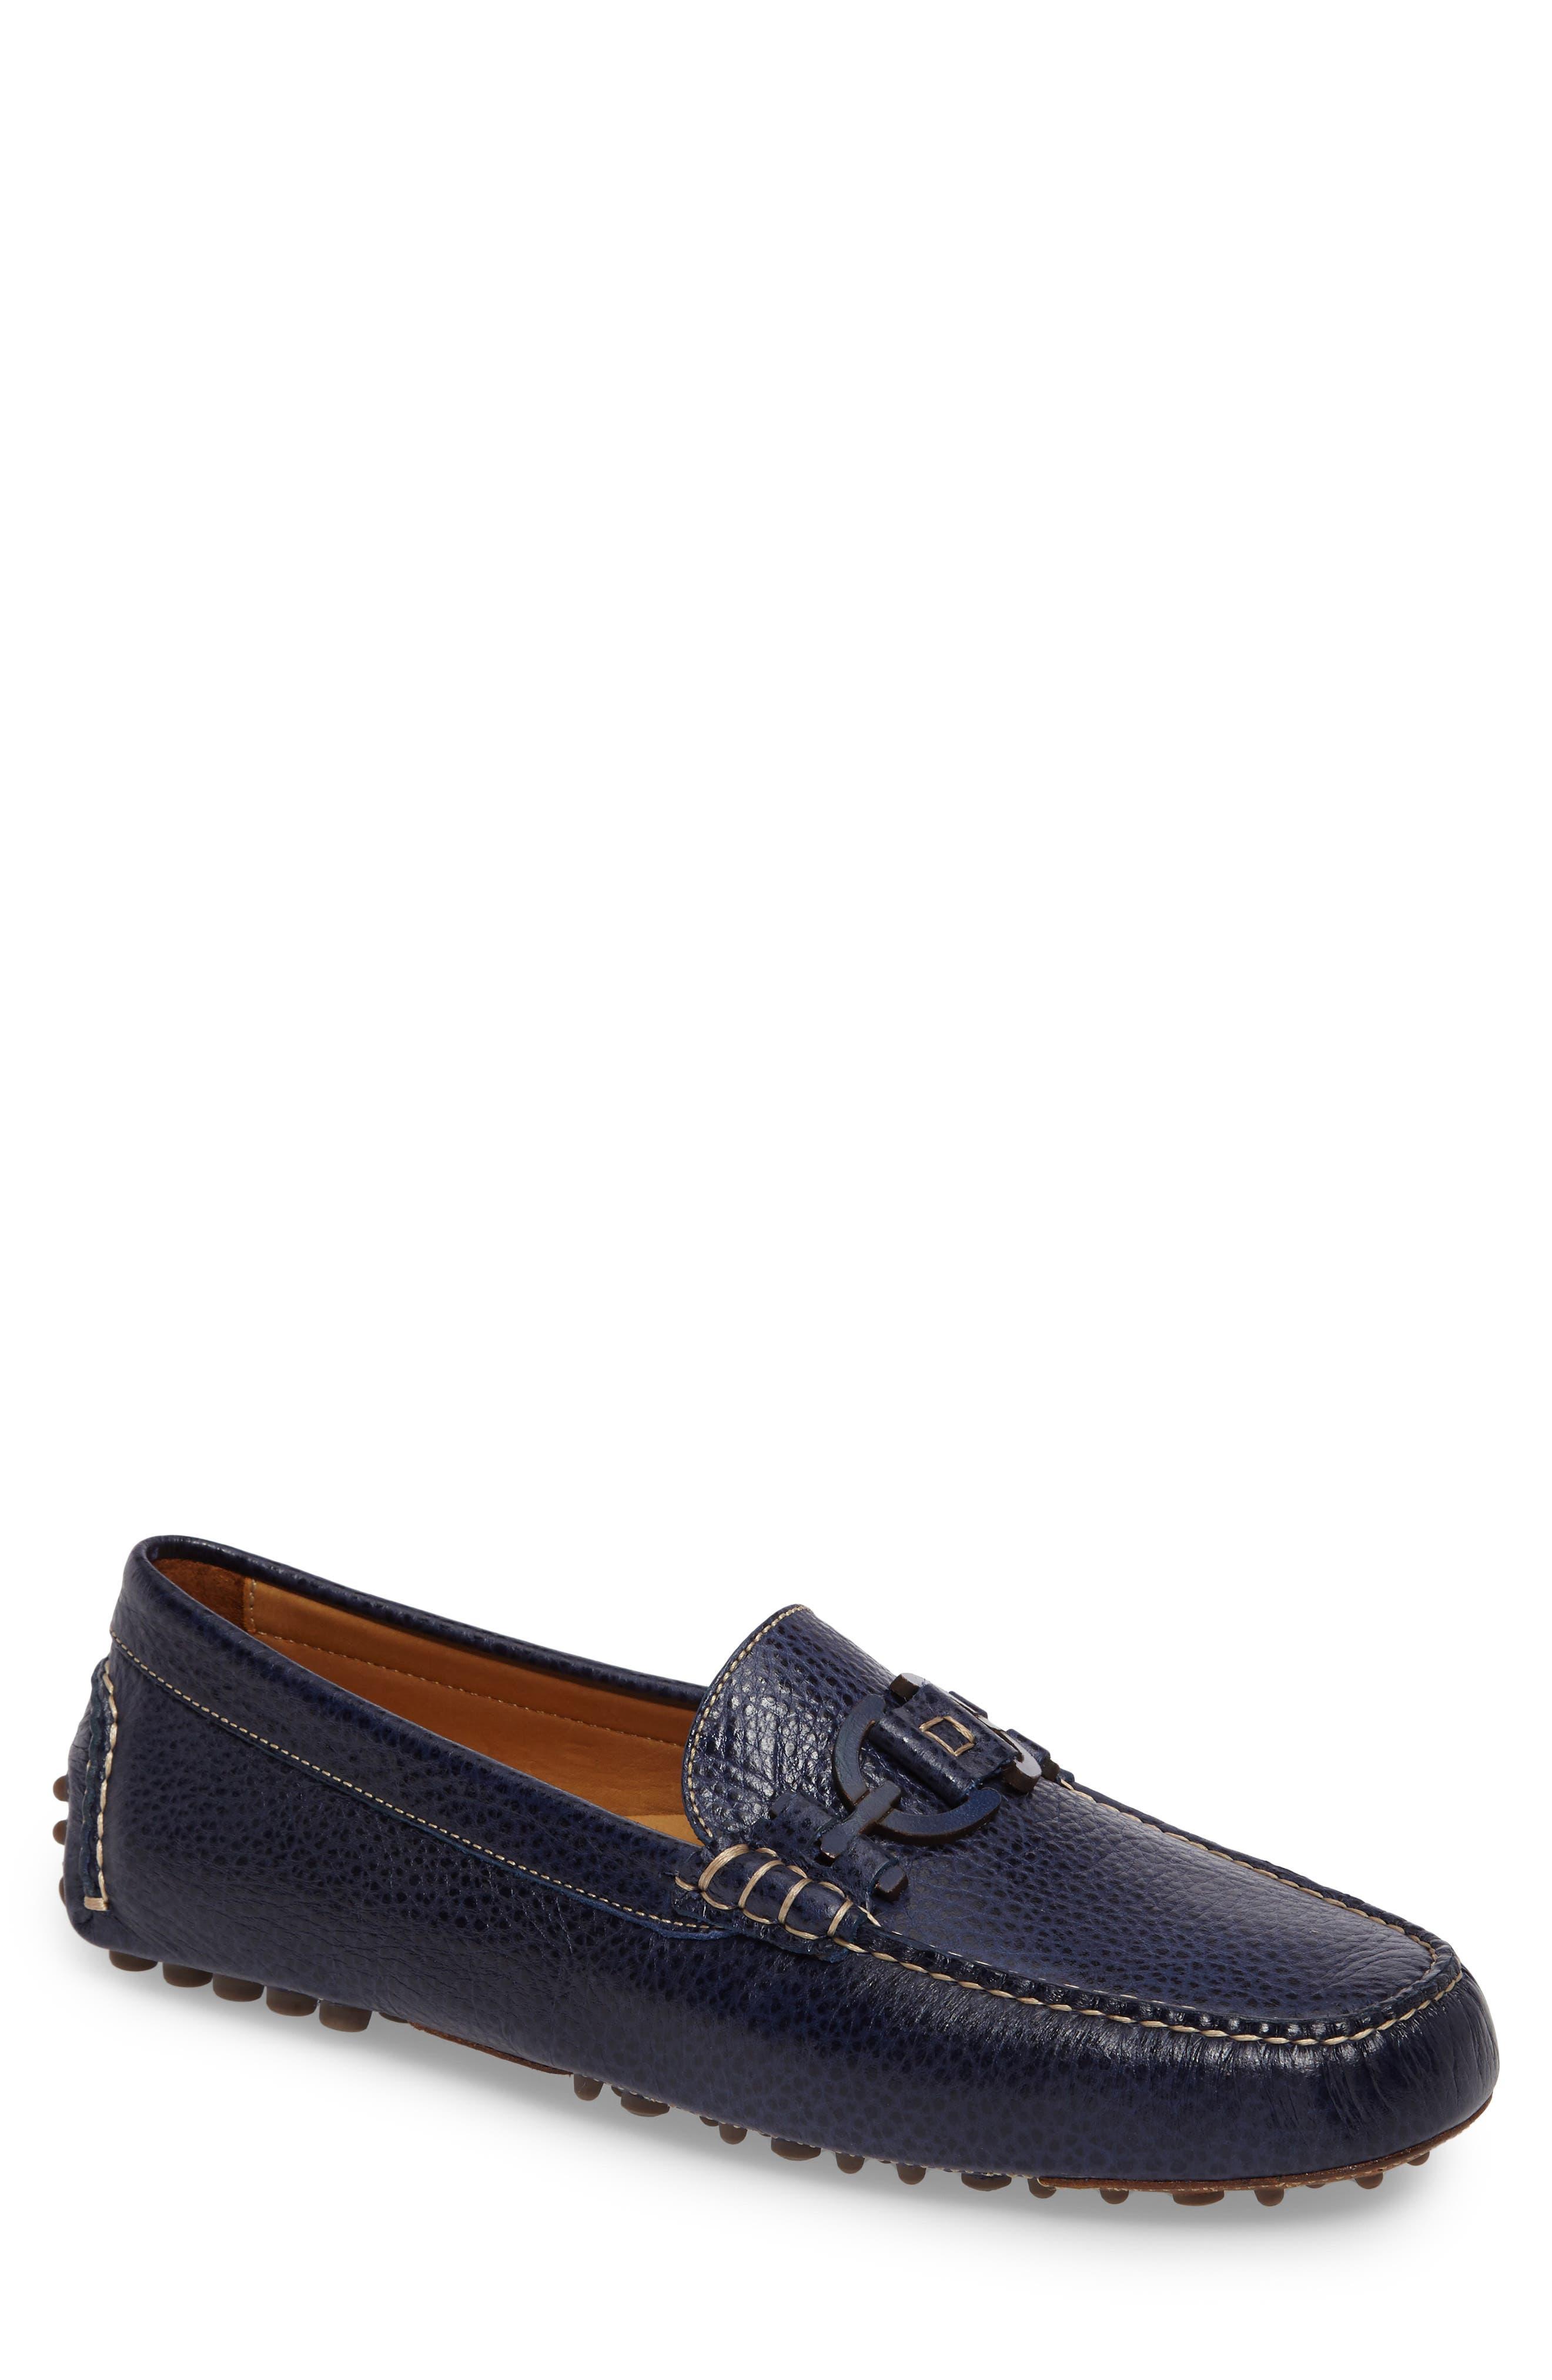 Donald J Pliner Riel Driving Loafer,                         Main,                         color, Navy